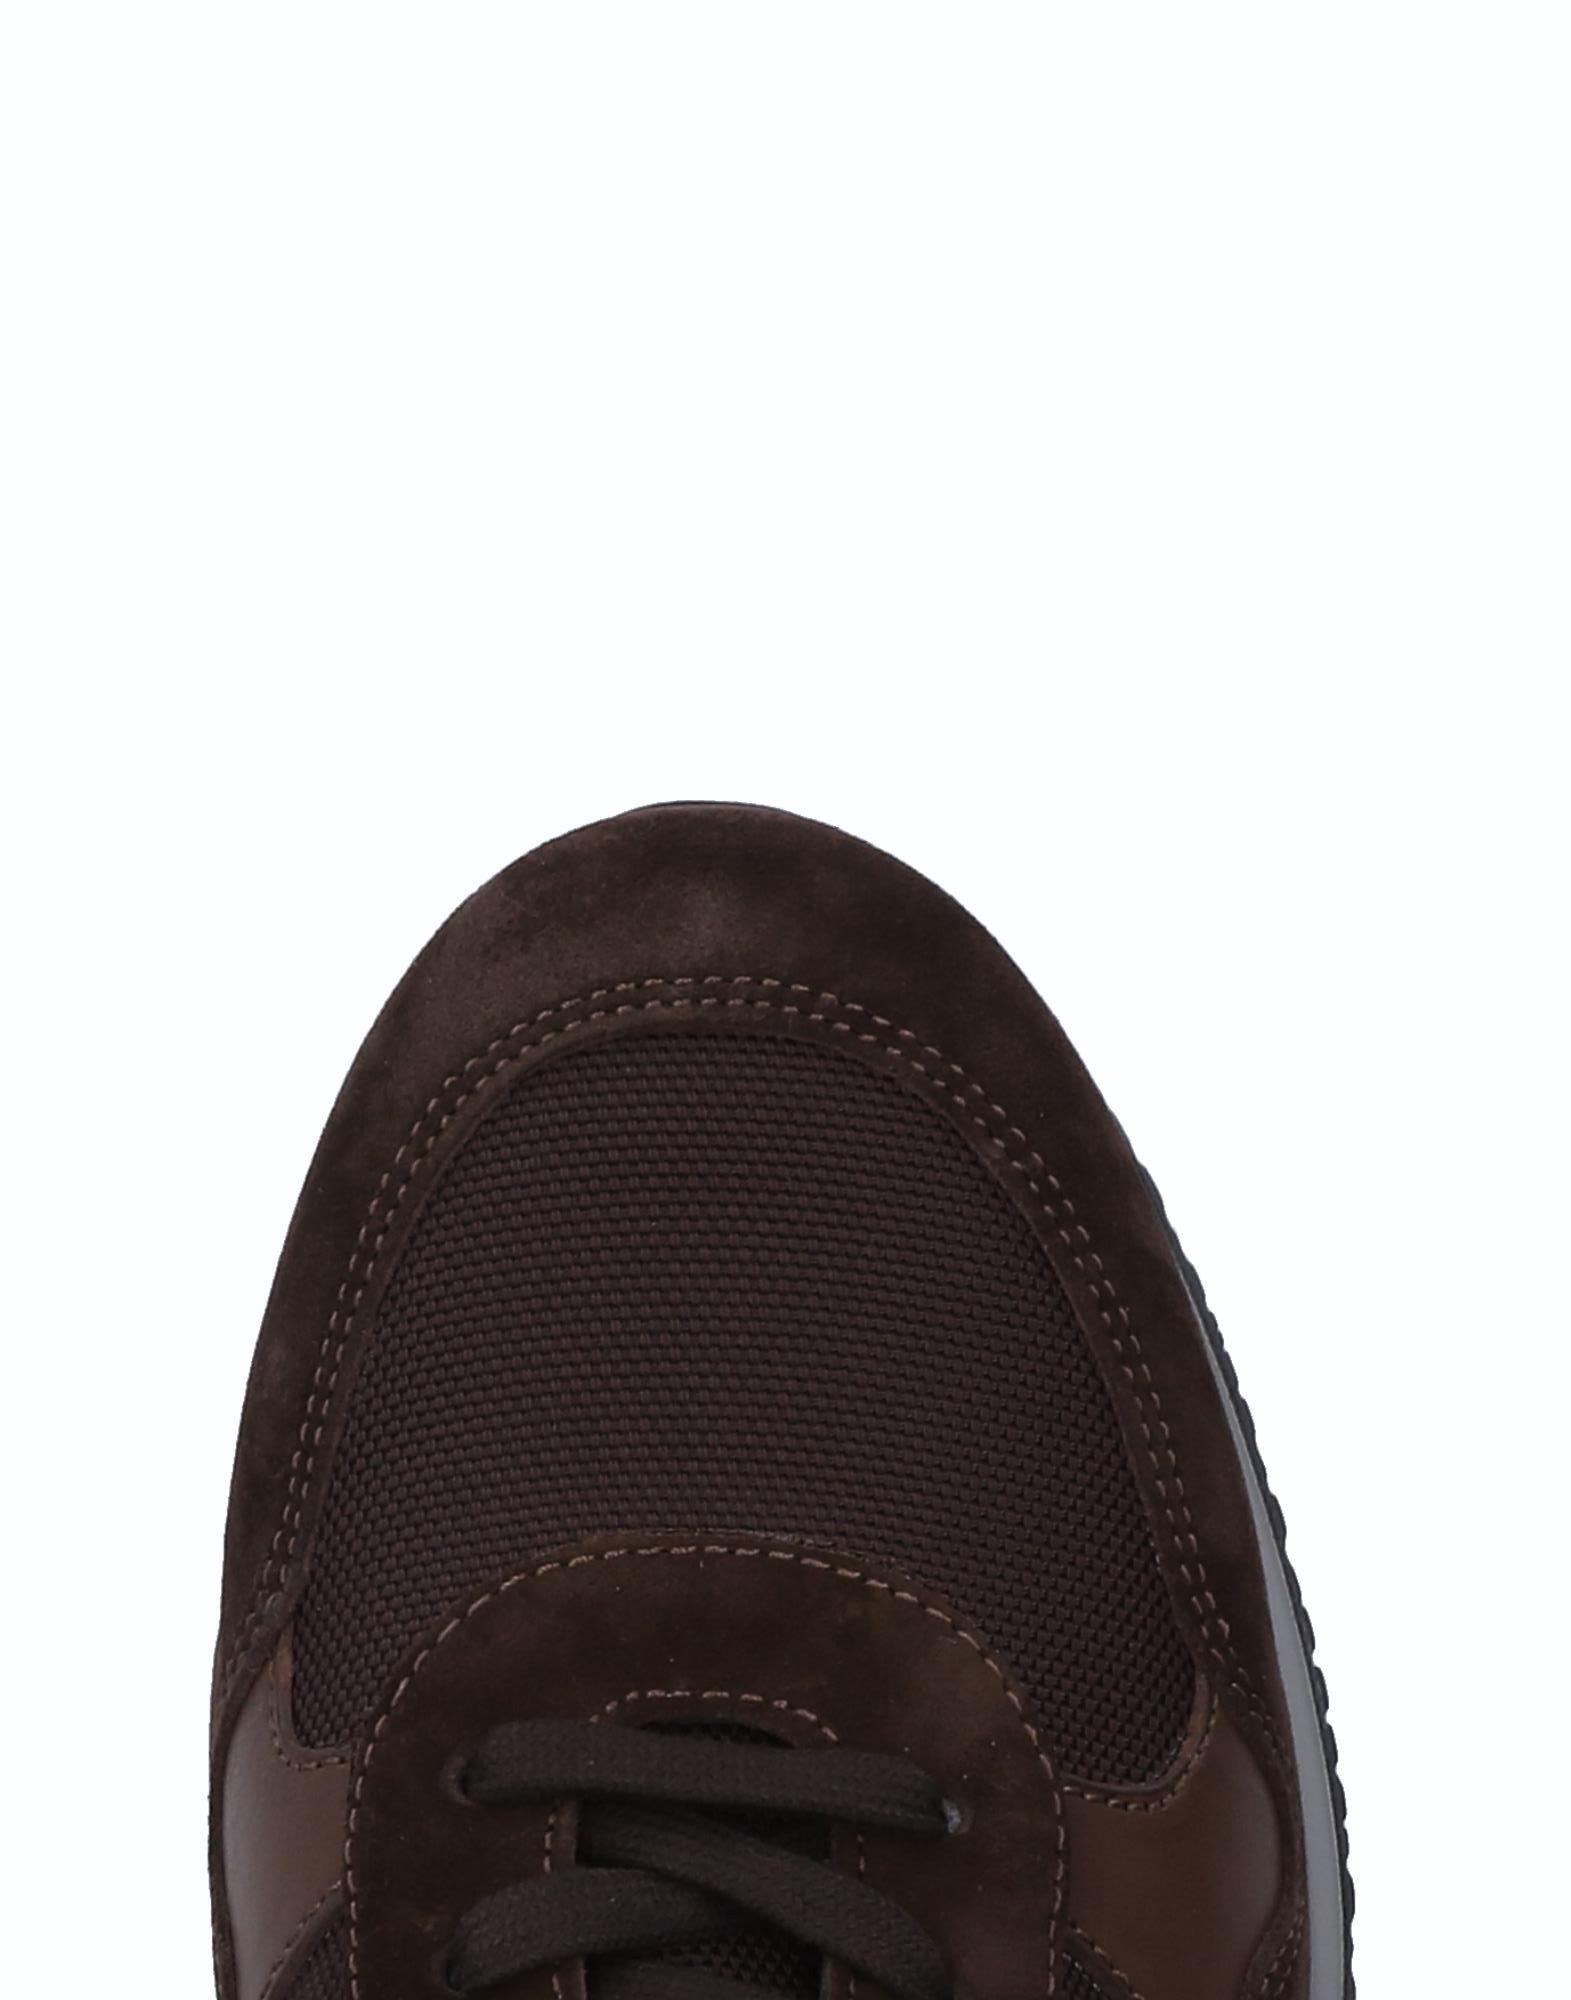 Hogan Gute Sneakers Herren  11515061VD Gute Hogan Qualität beliebte Schuhe ba6d1d